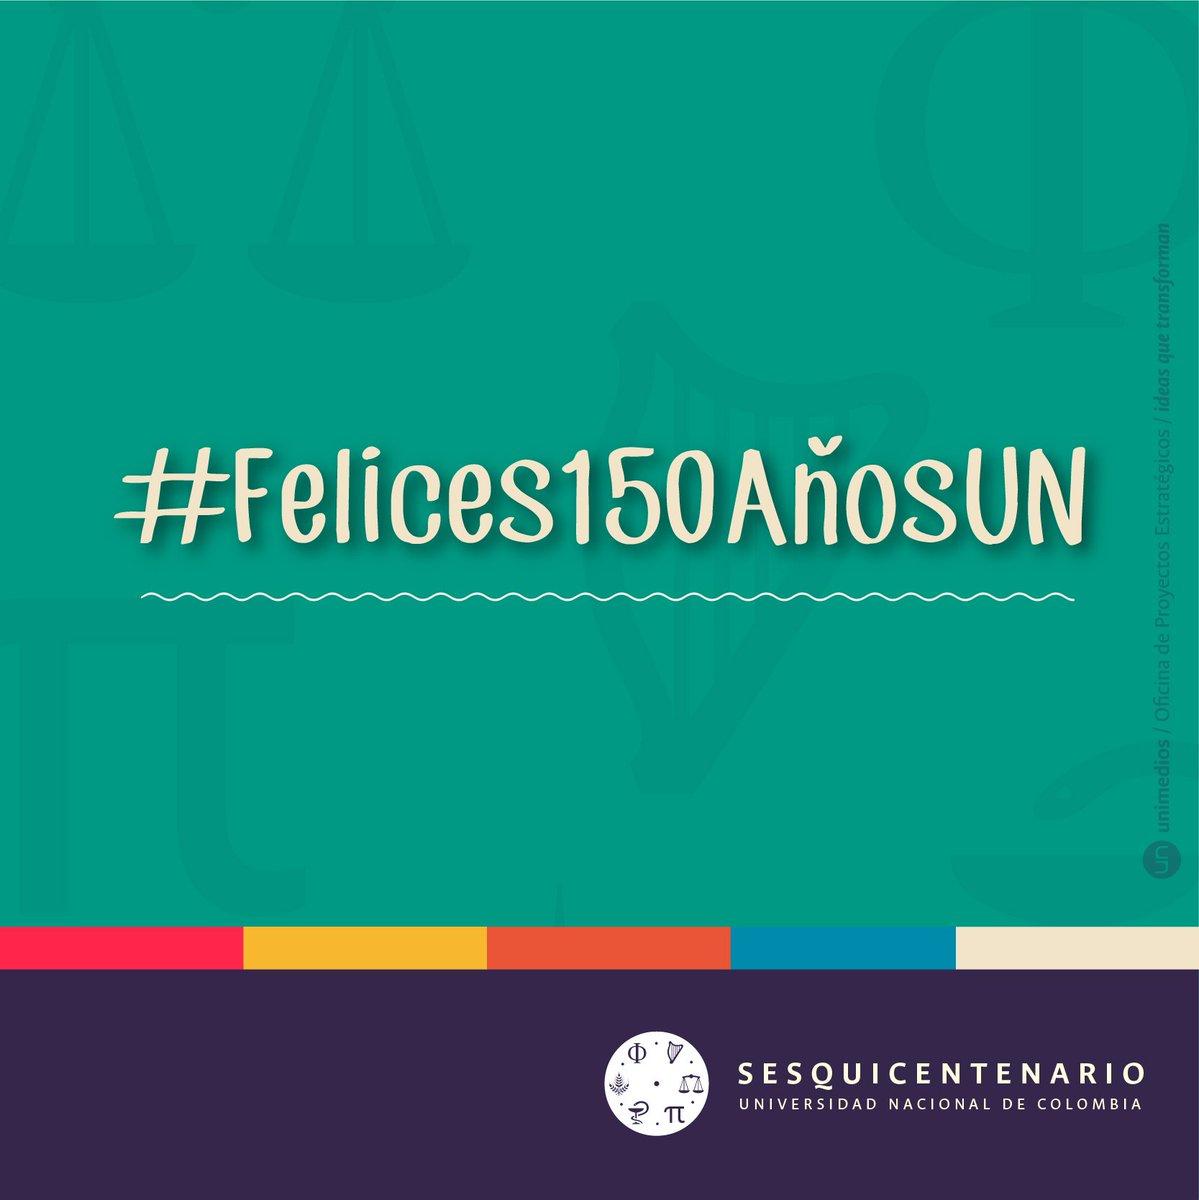 150 años, 8 sedes, 53 mil estudiantes, 3 mil profesores, 1100 grupos d...